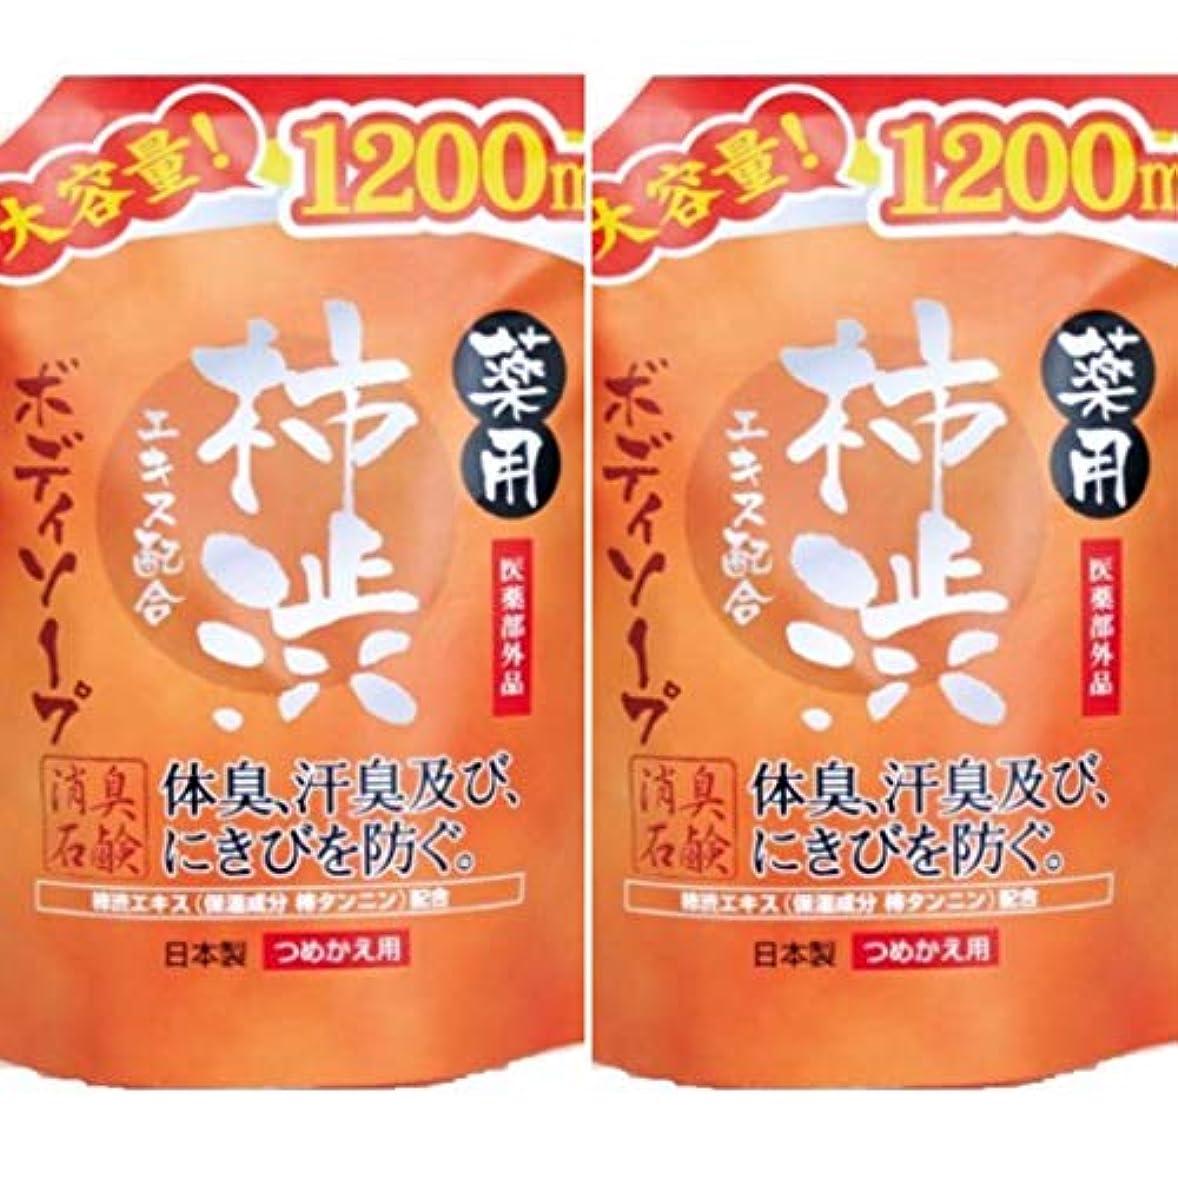 実施する上流の水銀の薬用柿渋 ボディソープ大容量 1200mL ×2セット